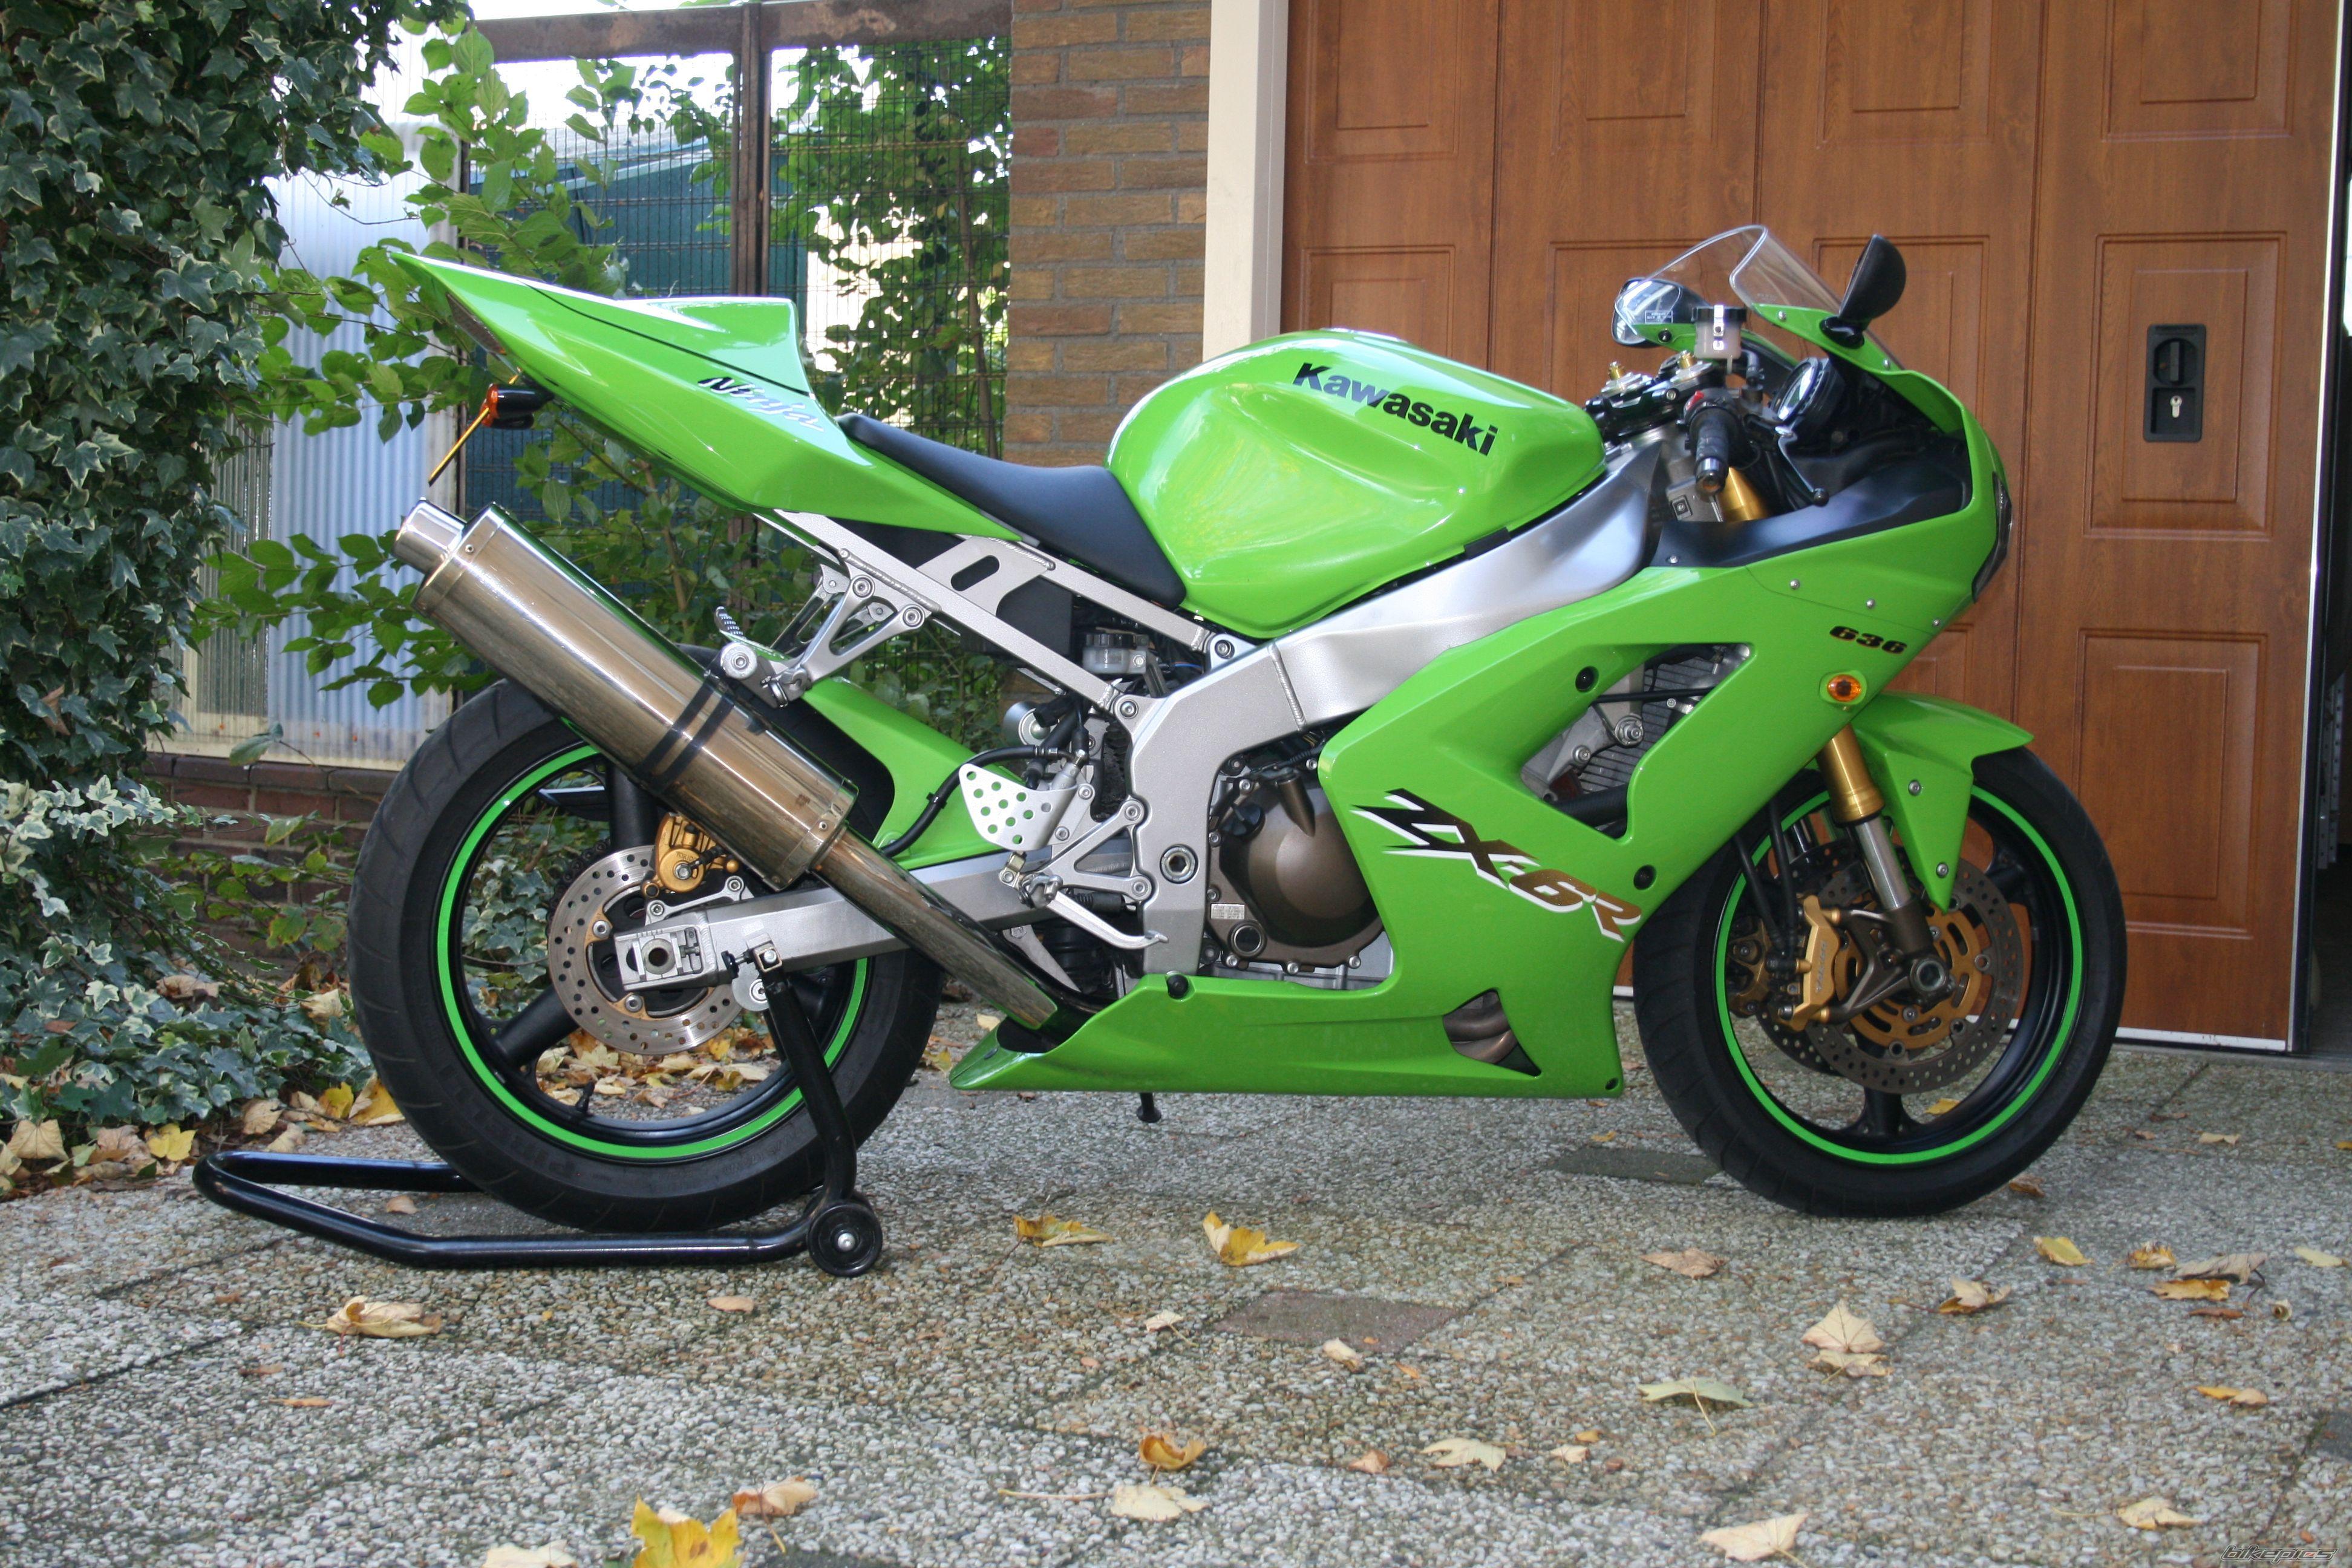 2003 Kawasaki ZX-6R Photos, Informations, Articles - Bikes